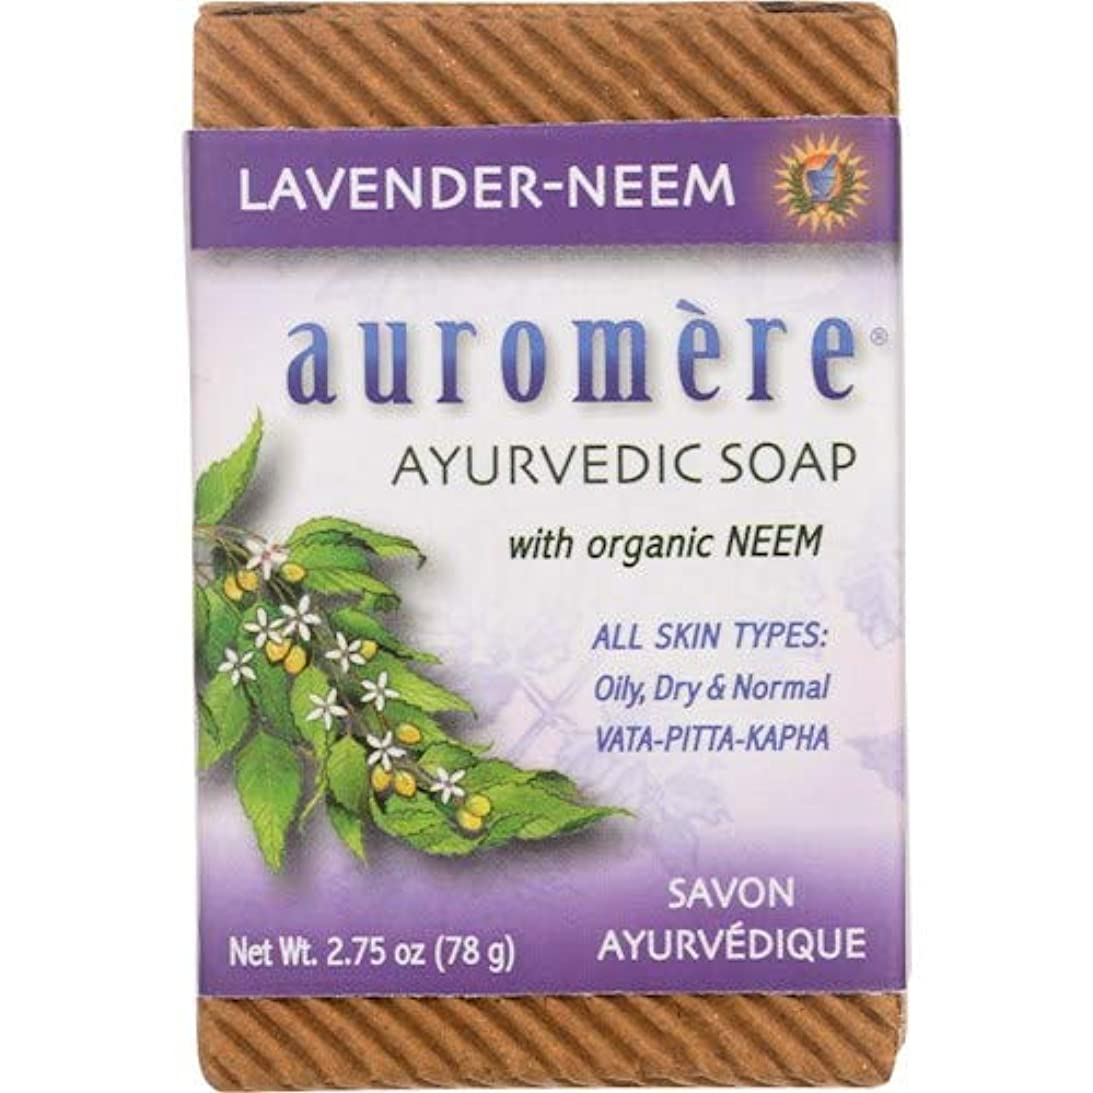 年齢かける辞任するオーロメア (Auromere) アーユルヴェーダ 石鹸/ラベンダー?ニーム 78g 6+1個 セット